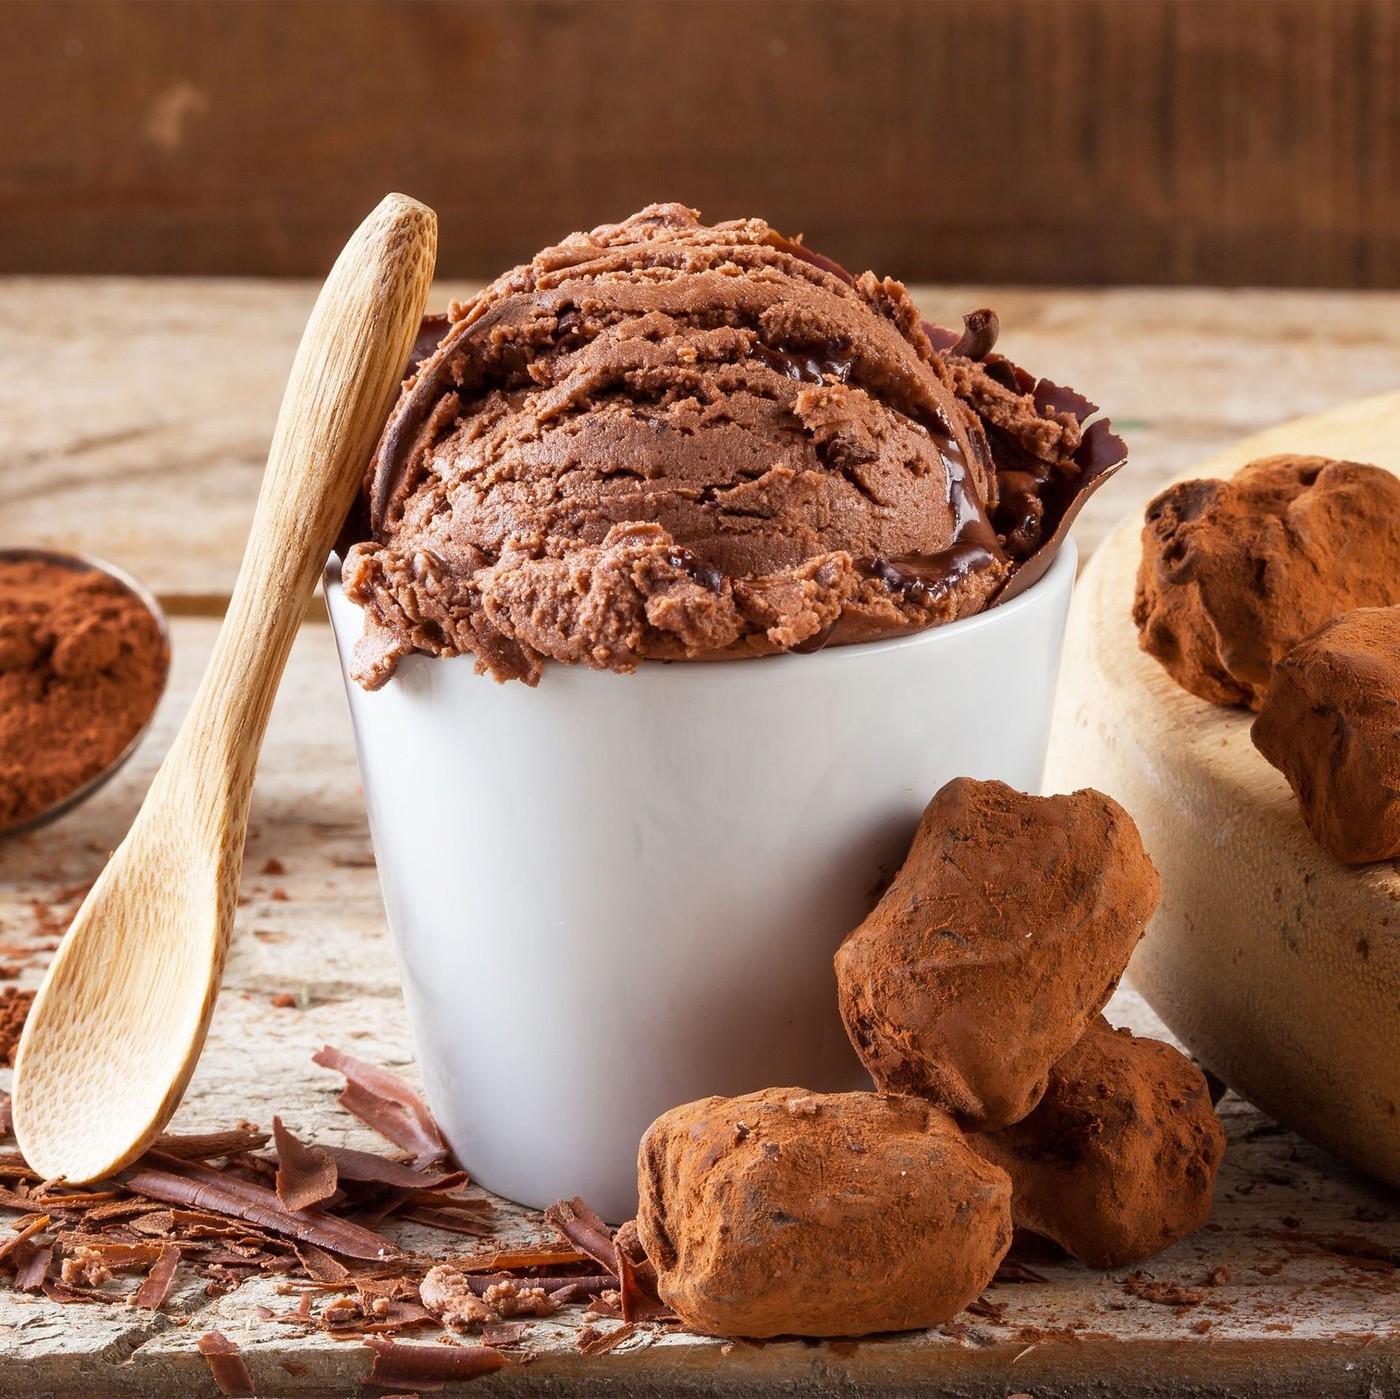 receta de Helado de chocolate